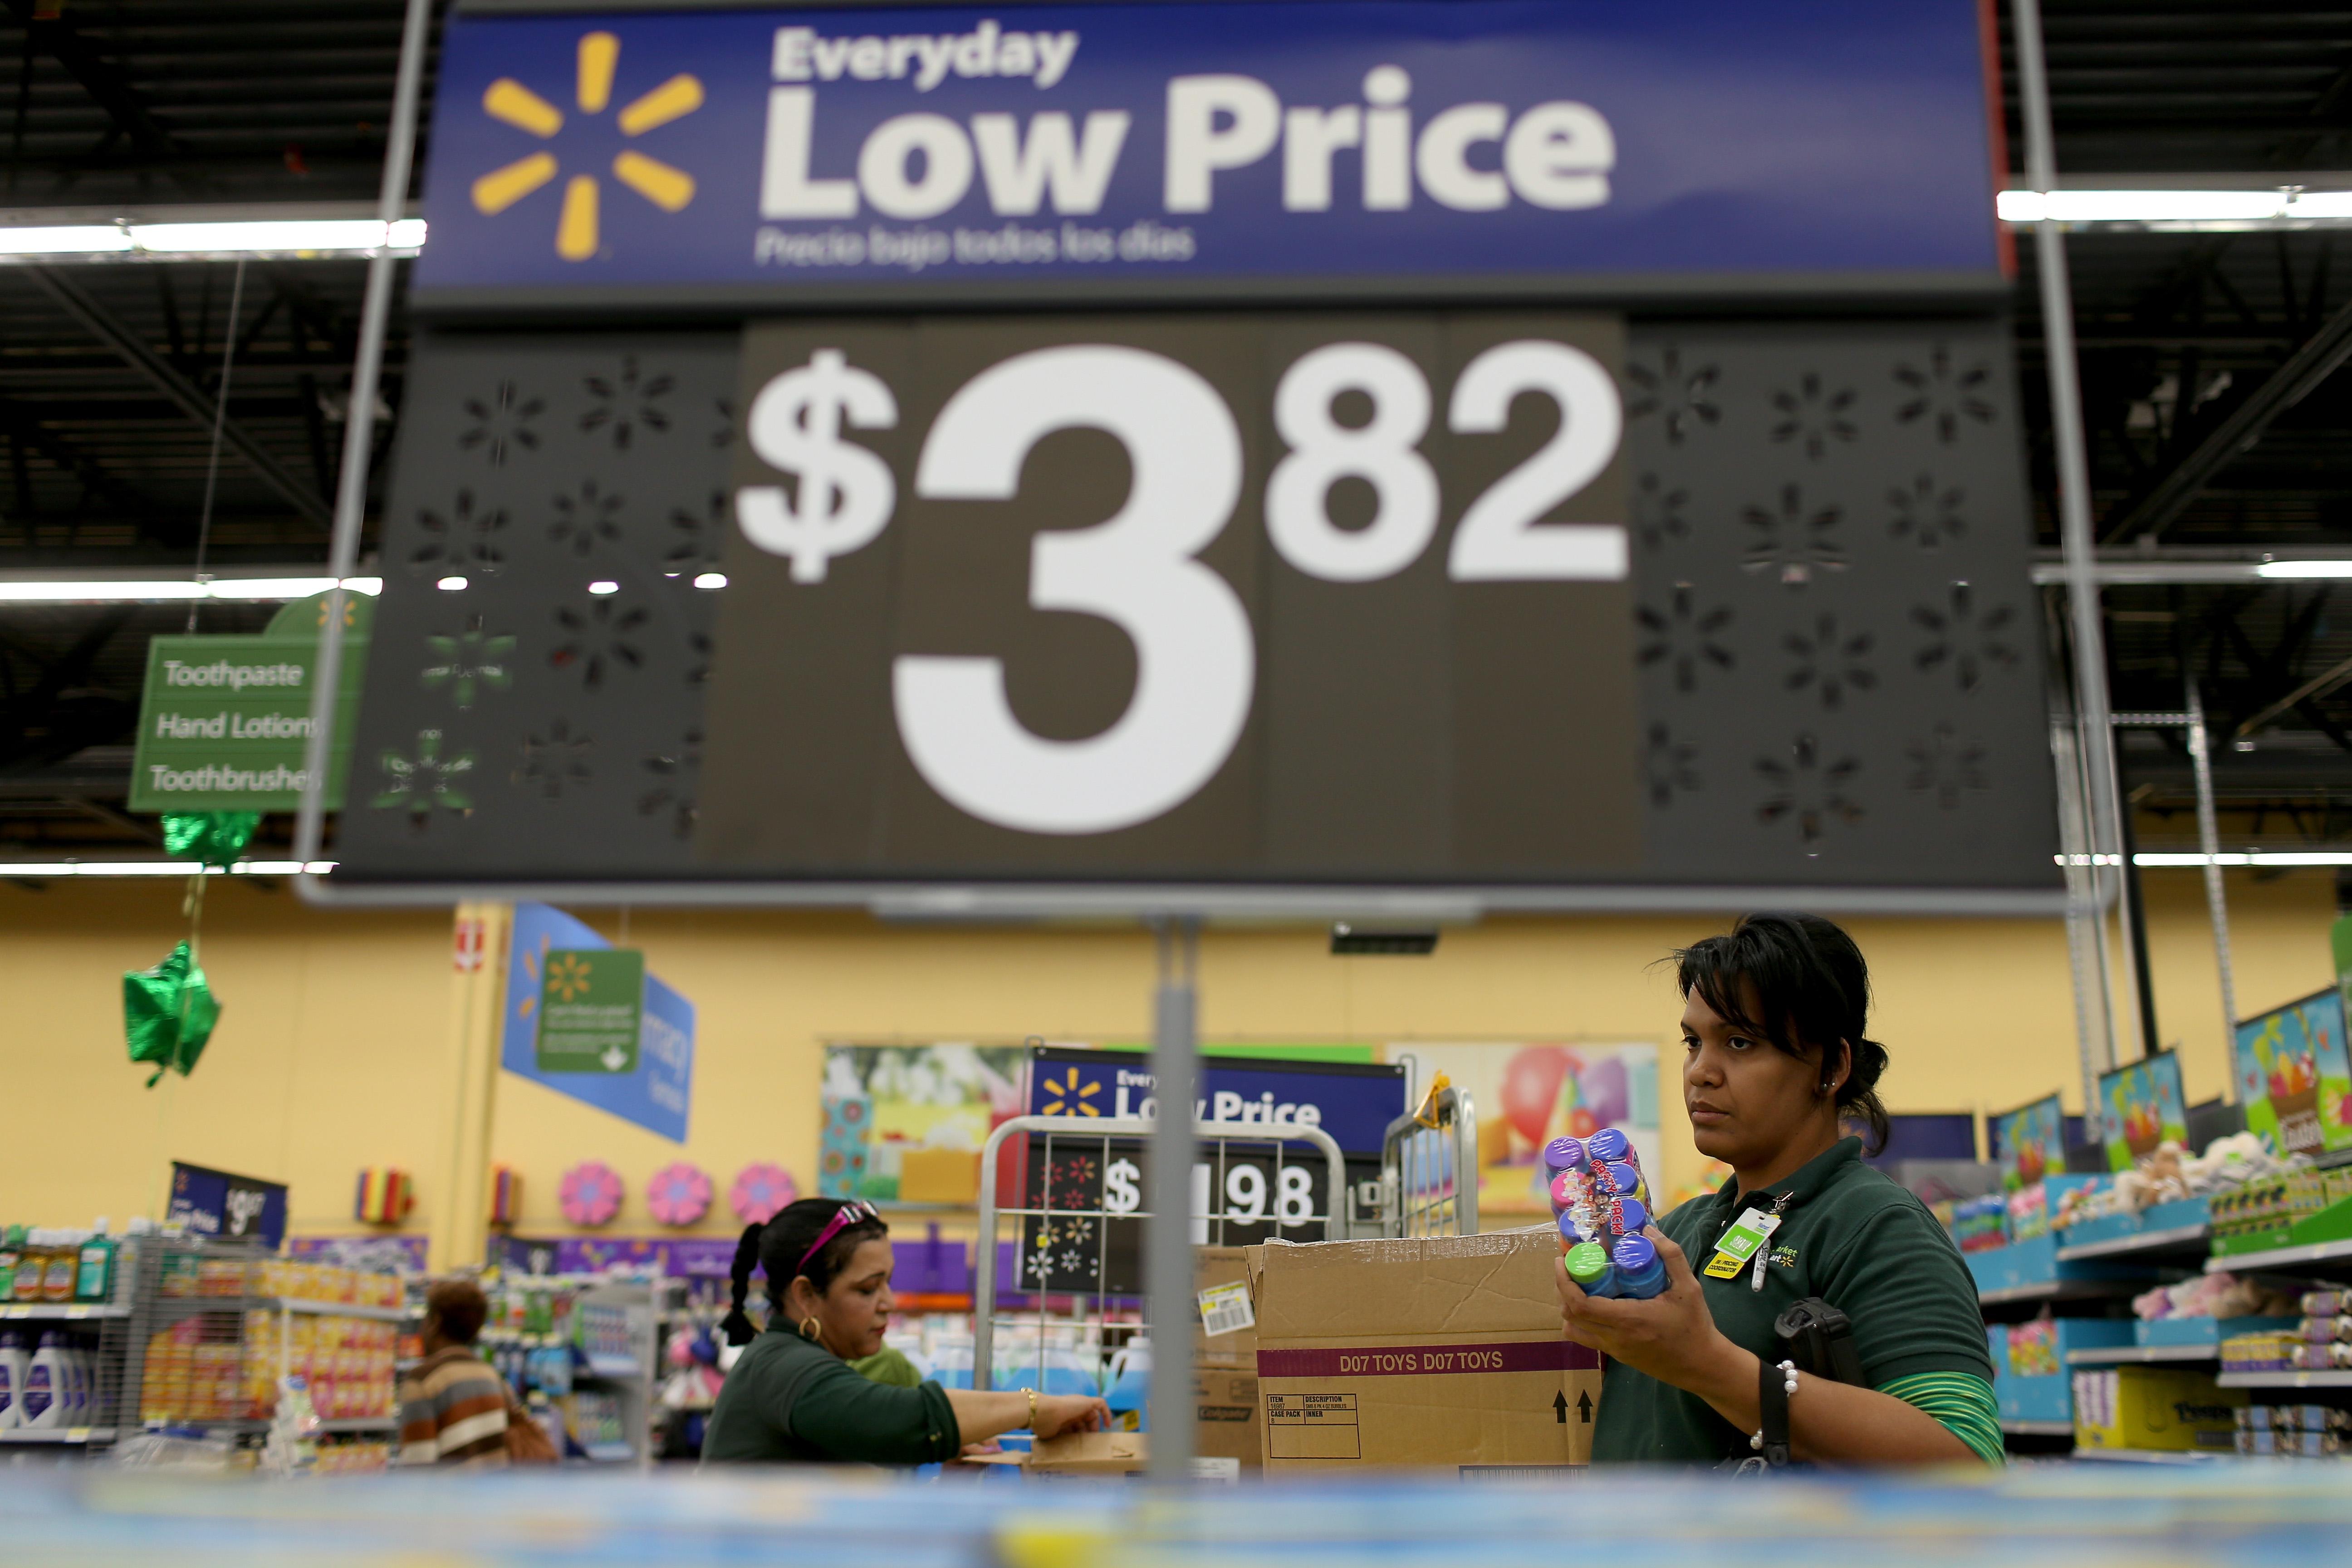 Walmart just got hit with a major gender discrimination lawsuit